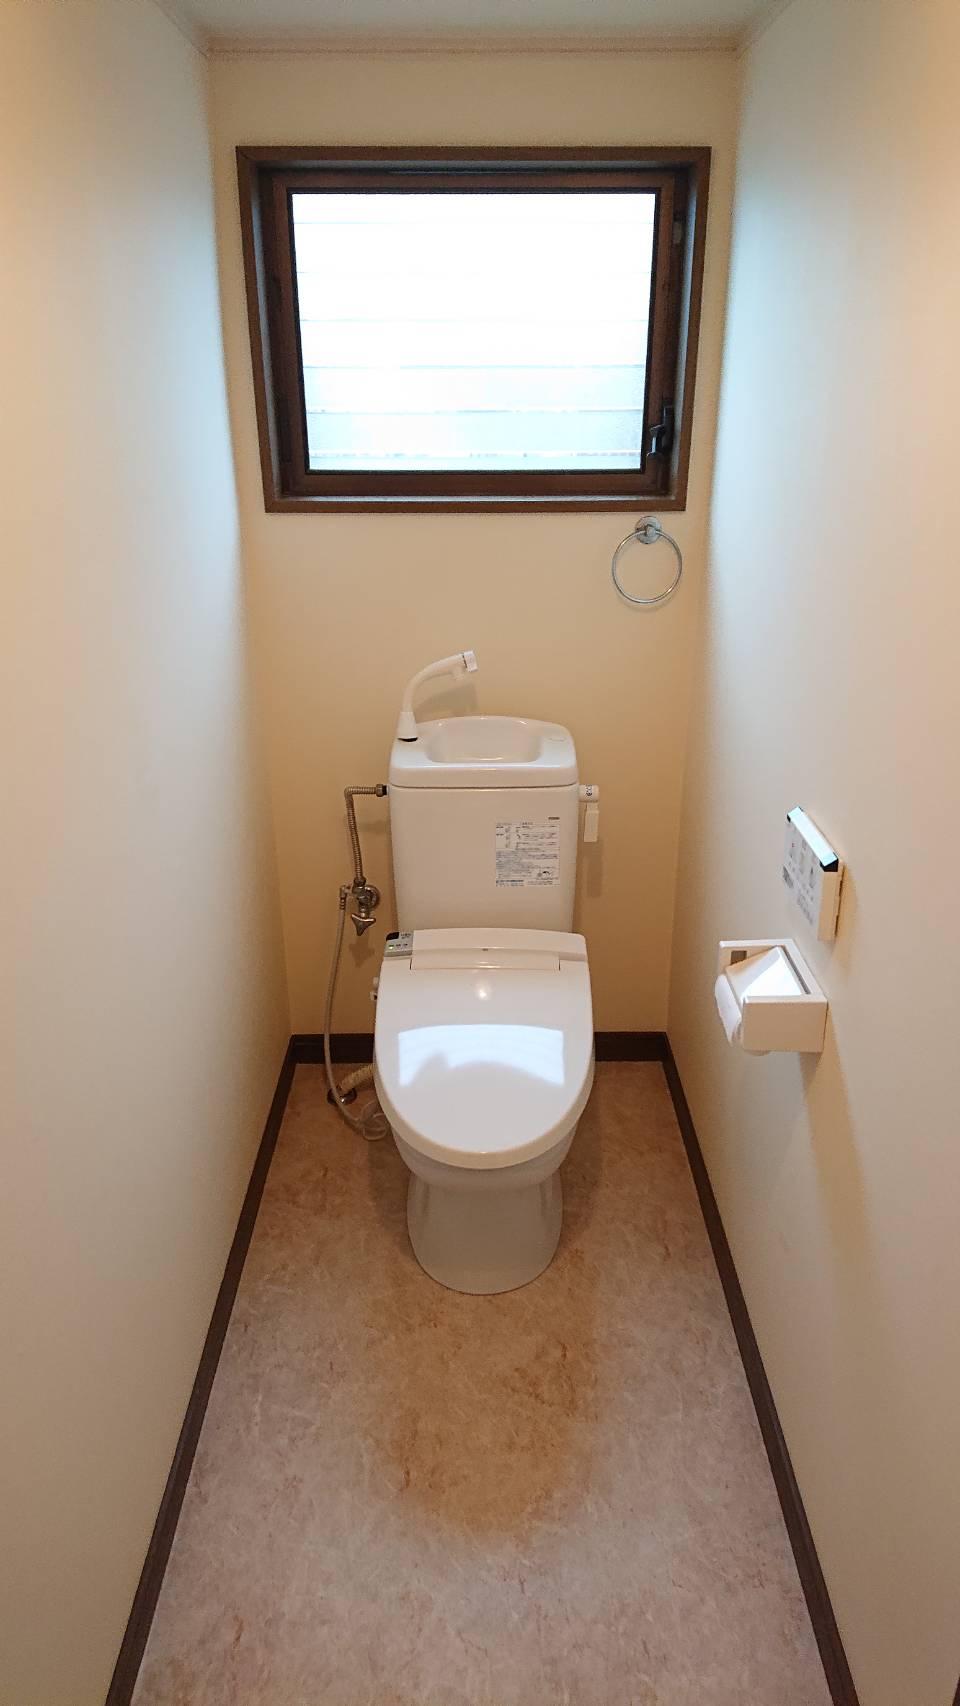 リフォームした、明るく暖かみのあるトイレの壁紙